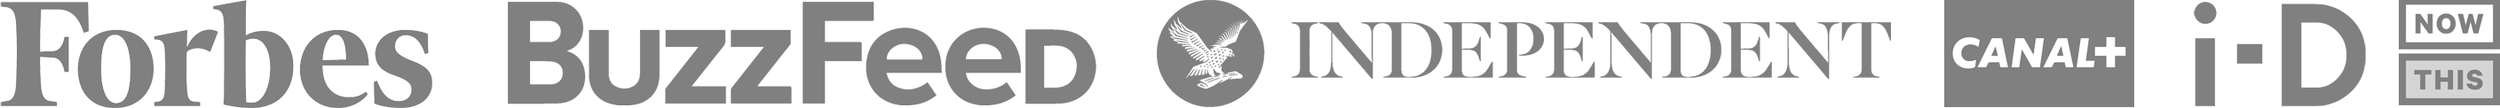 TWB_Press_logos.png